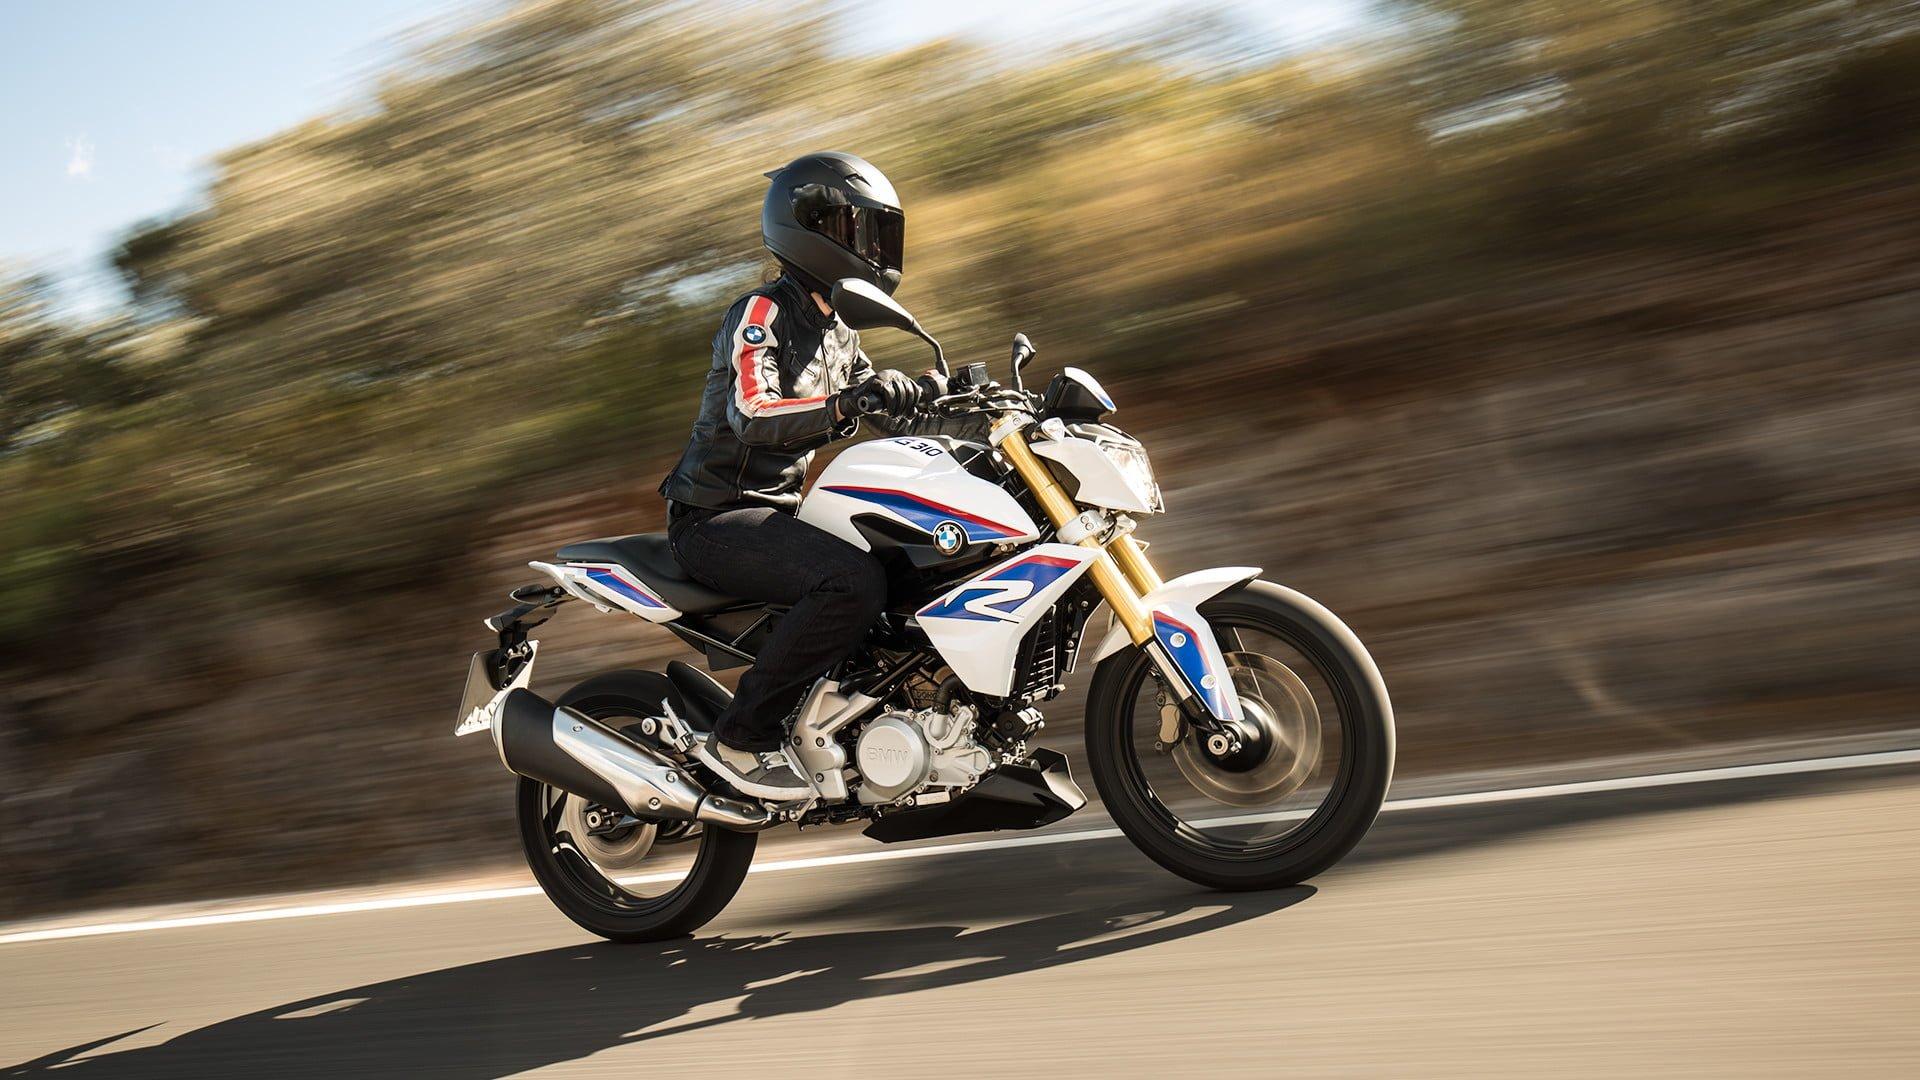 Oryginał BMW TVS Bike G 310 R Draken, Pics, Launch, Specs, Details IO92